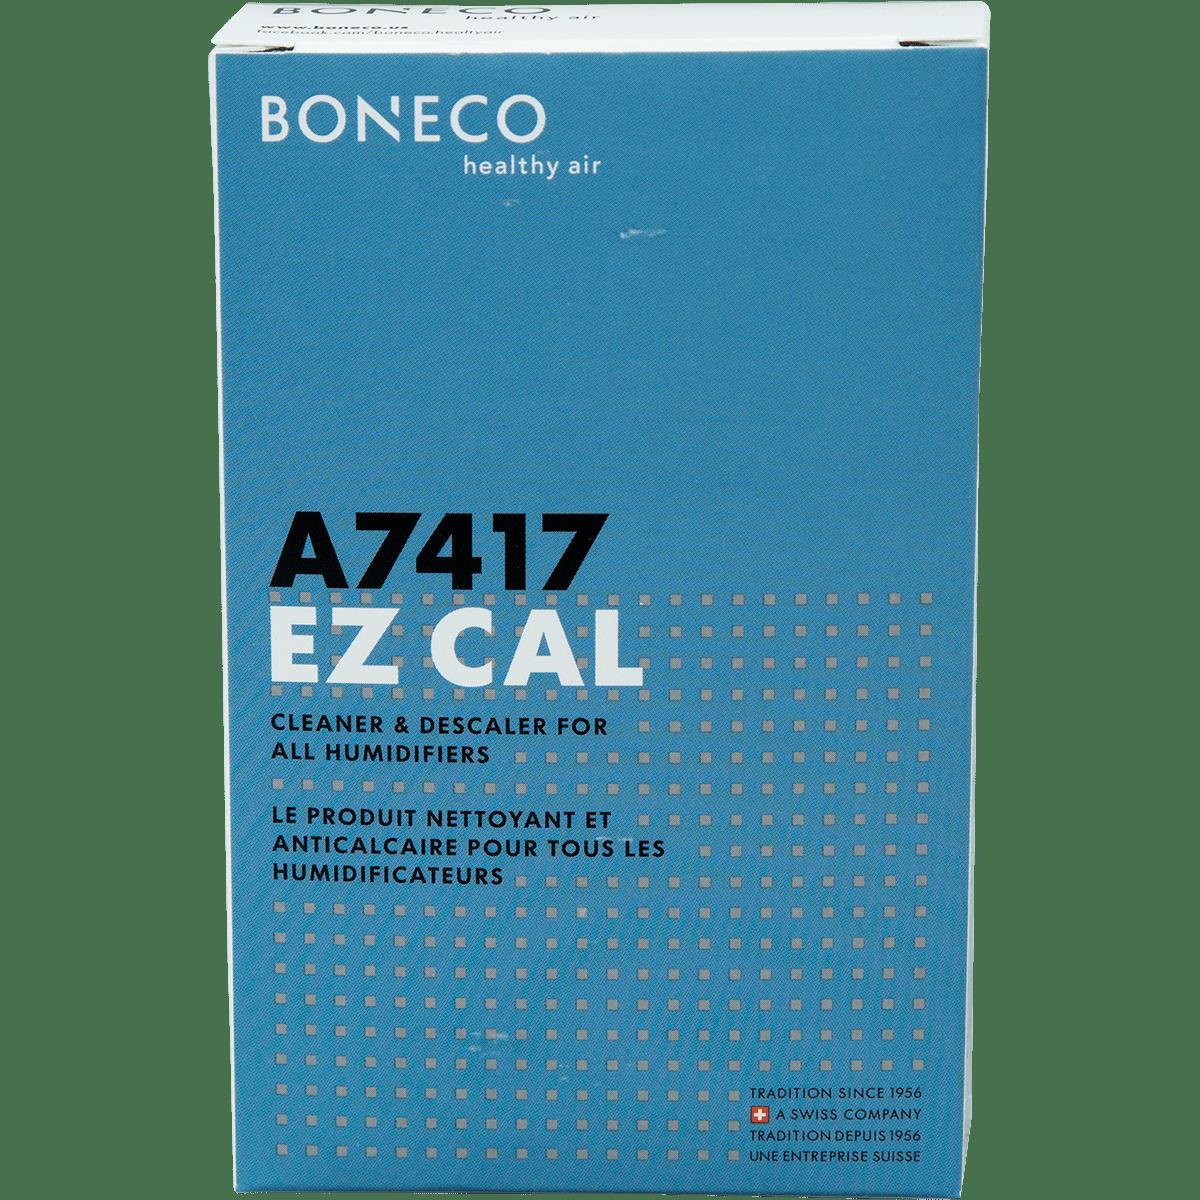 Boneco Ez Cal Descaler And Cleaner Aos 7417 Sylvane